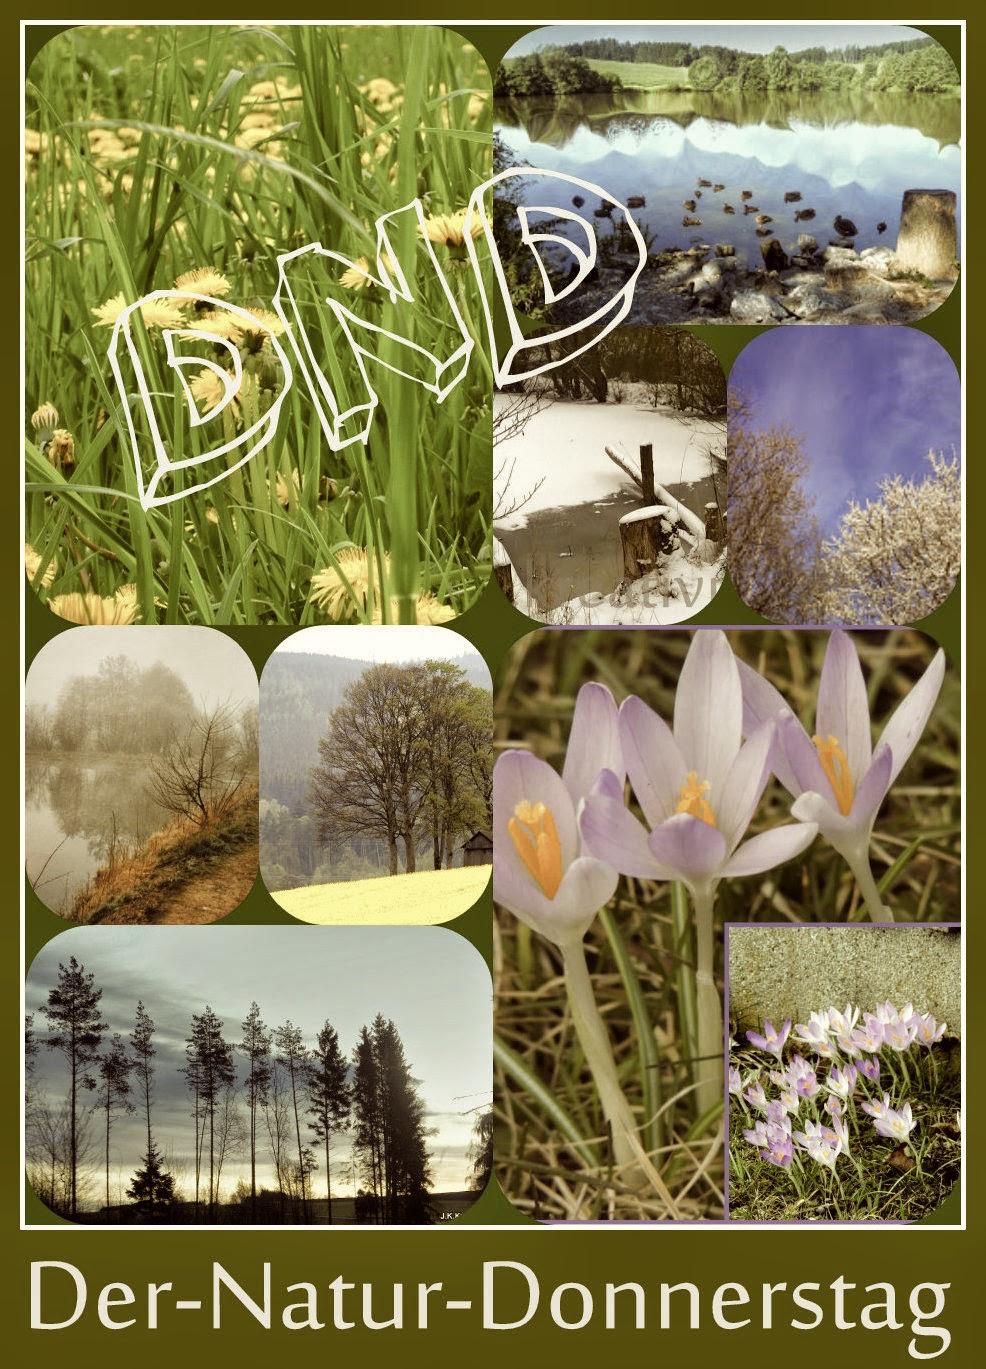 der-natur-donnerstag